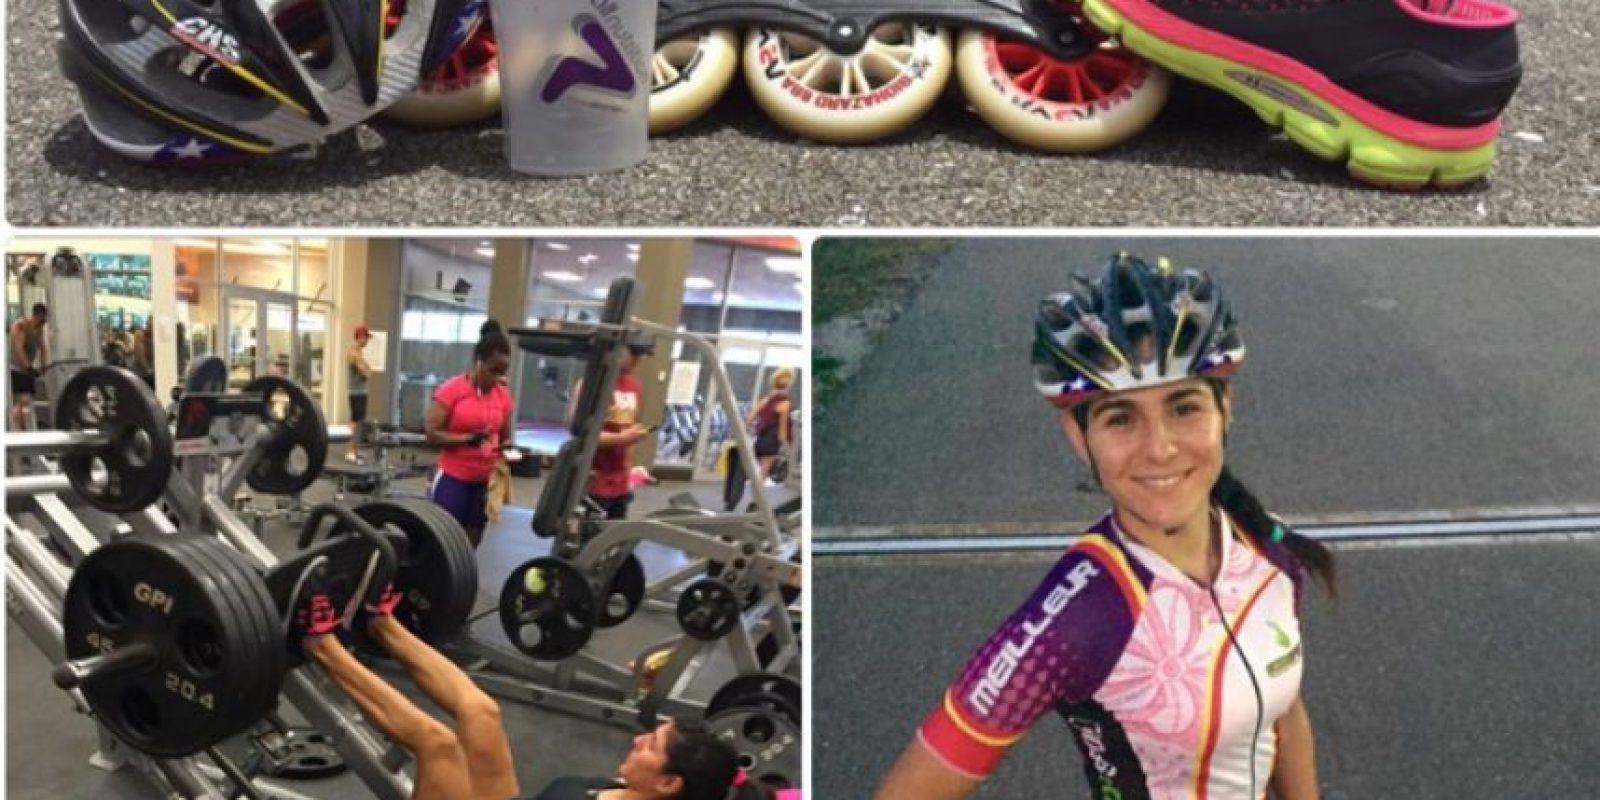 La chilena se hizo con un metal de bronce en la prueba de 200 metros contrarreloj de patinaje Foto:Vía twitter.com/pepitah1